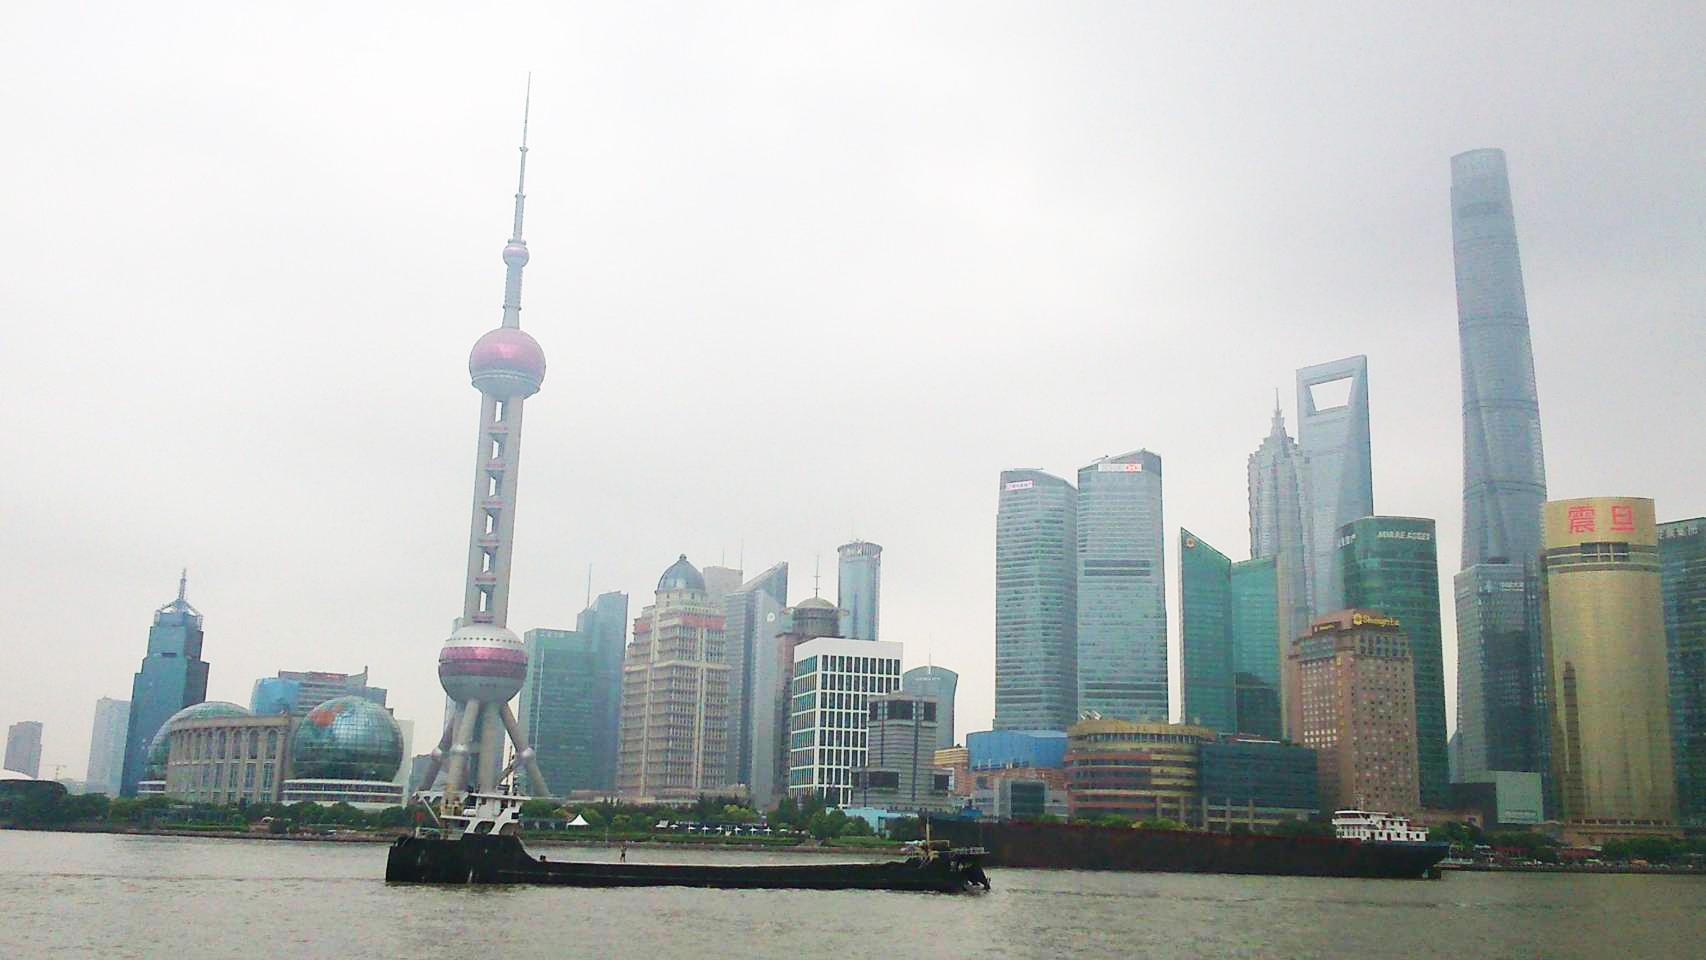 挑戰青春的大二_上海復旦交換出門闖一闖